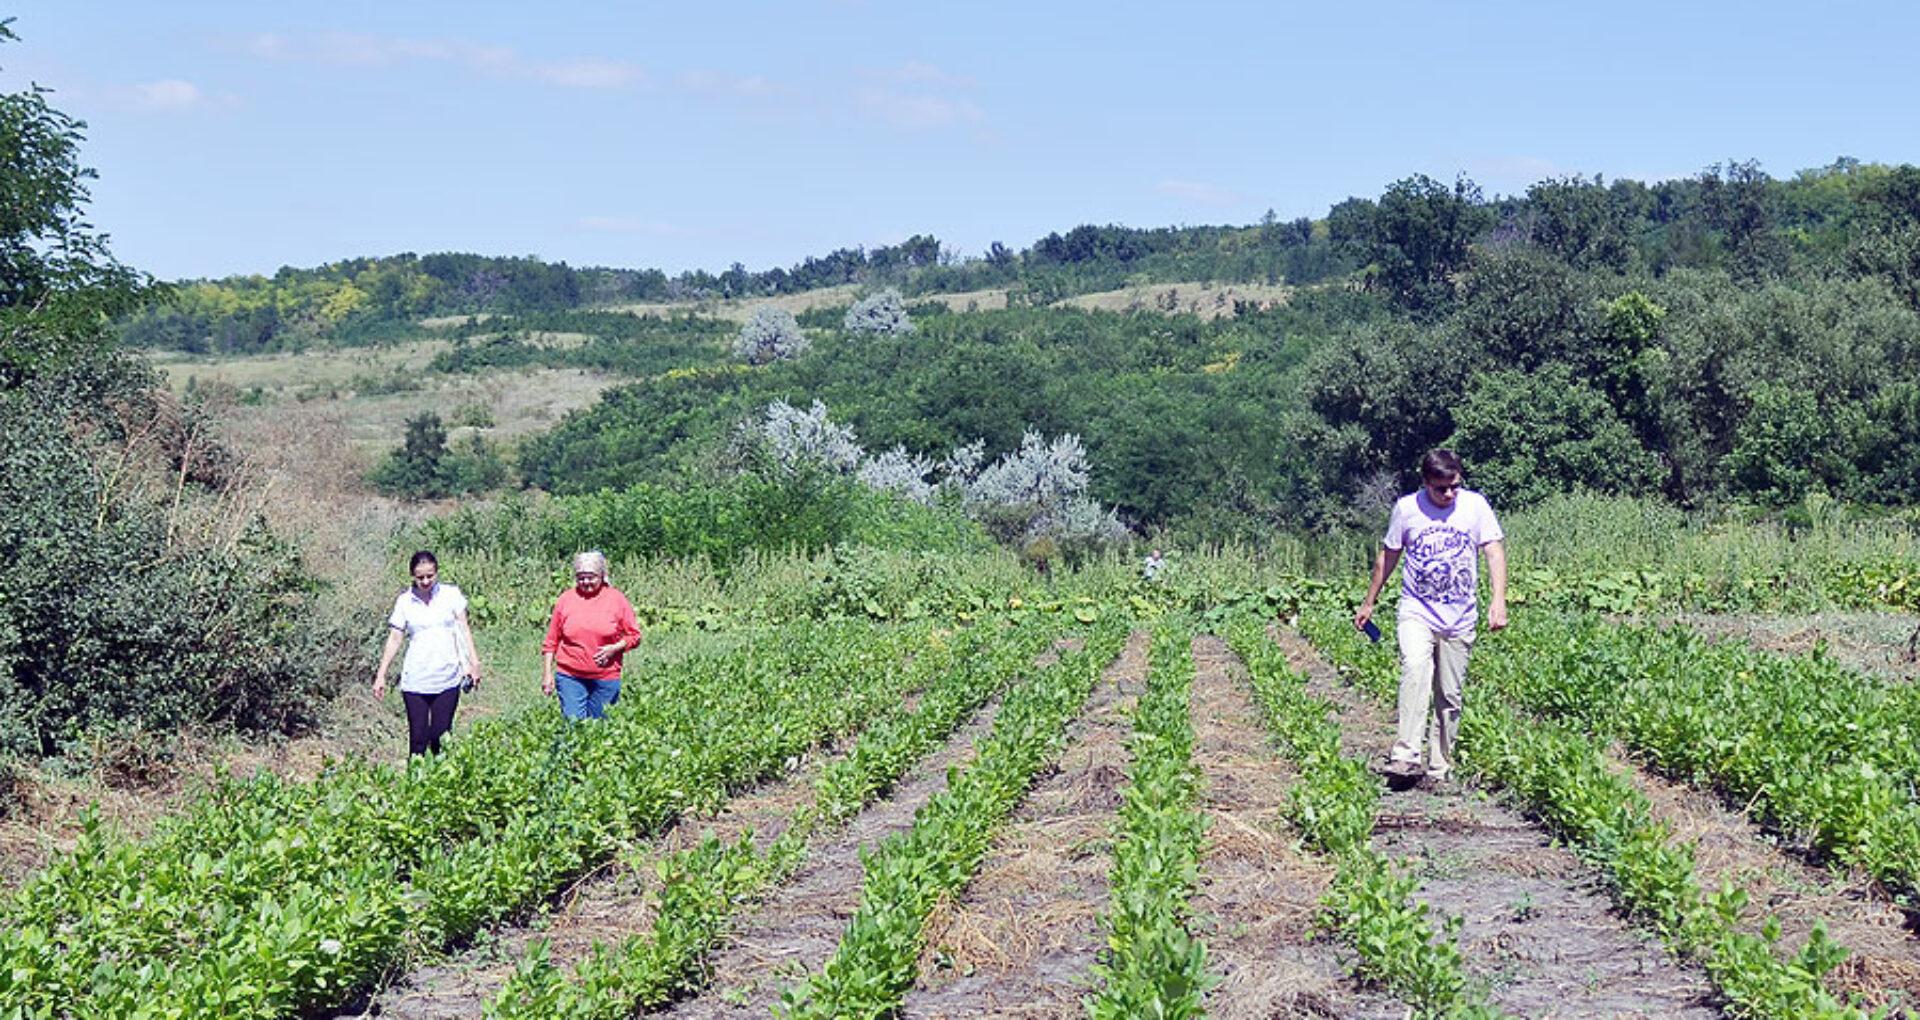 Povestea unui pădurar şi pepiniera cu care vrea să renască pădurile Moldovei